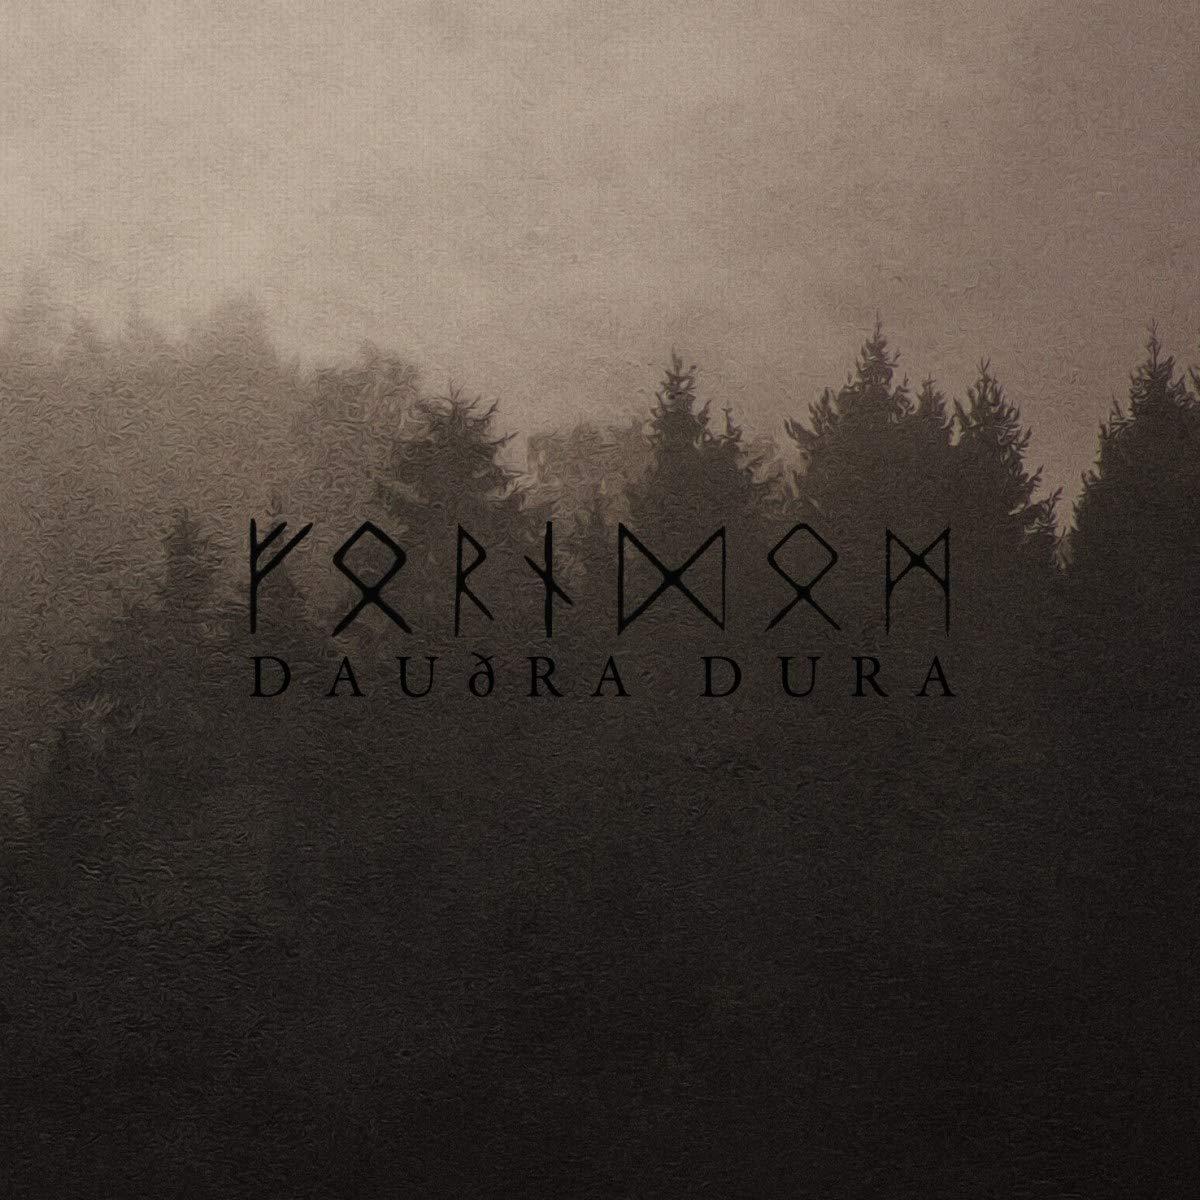 Vinilo : Forndom - Daudra Dura (LP Vinyl)